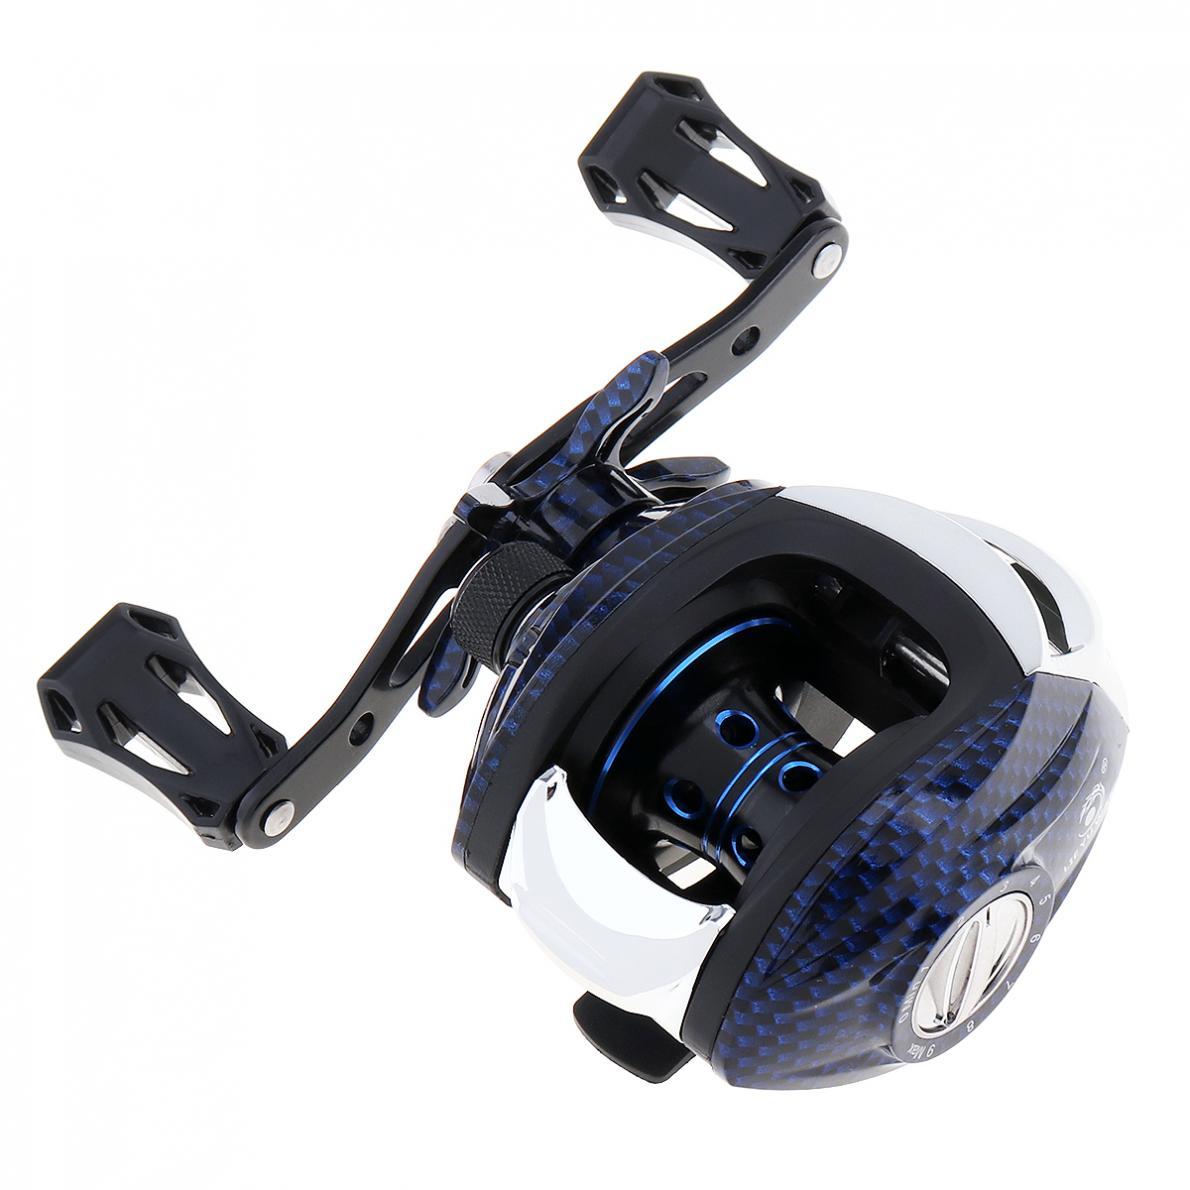 Right Left Hand Optional 15+1BB High Speed 7.2:1 Fishing BaitCasting Reel Snake Grain 215g Magnetic Brake Max Drag 8KG / 17.6LB